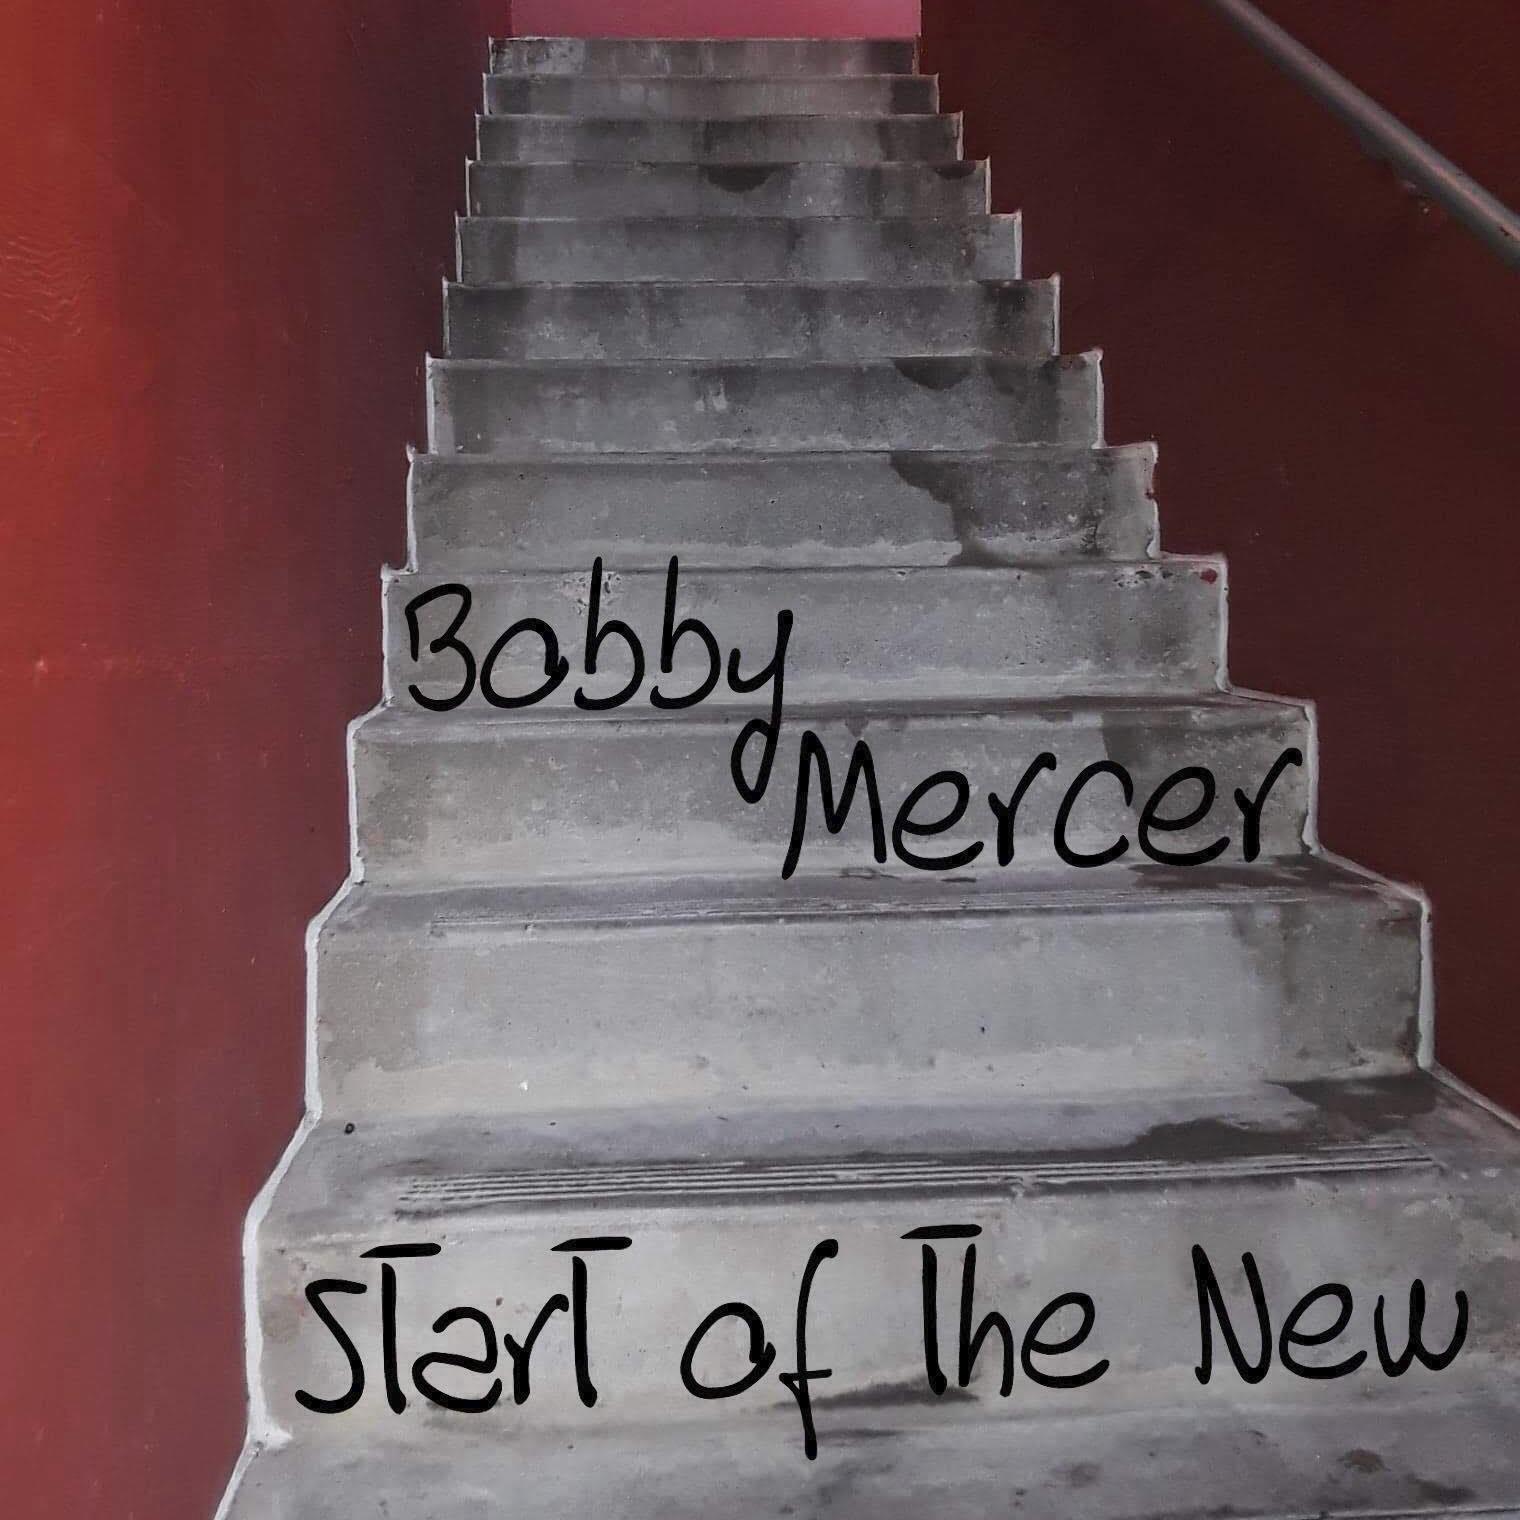 Start of the New - Bobby Mercer